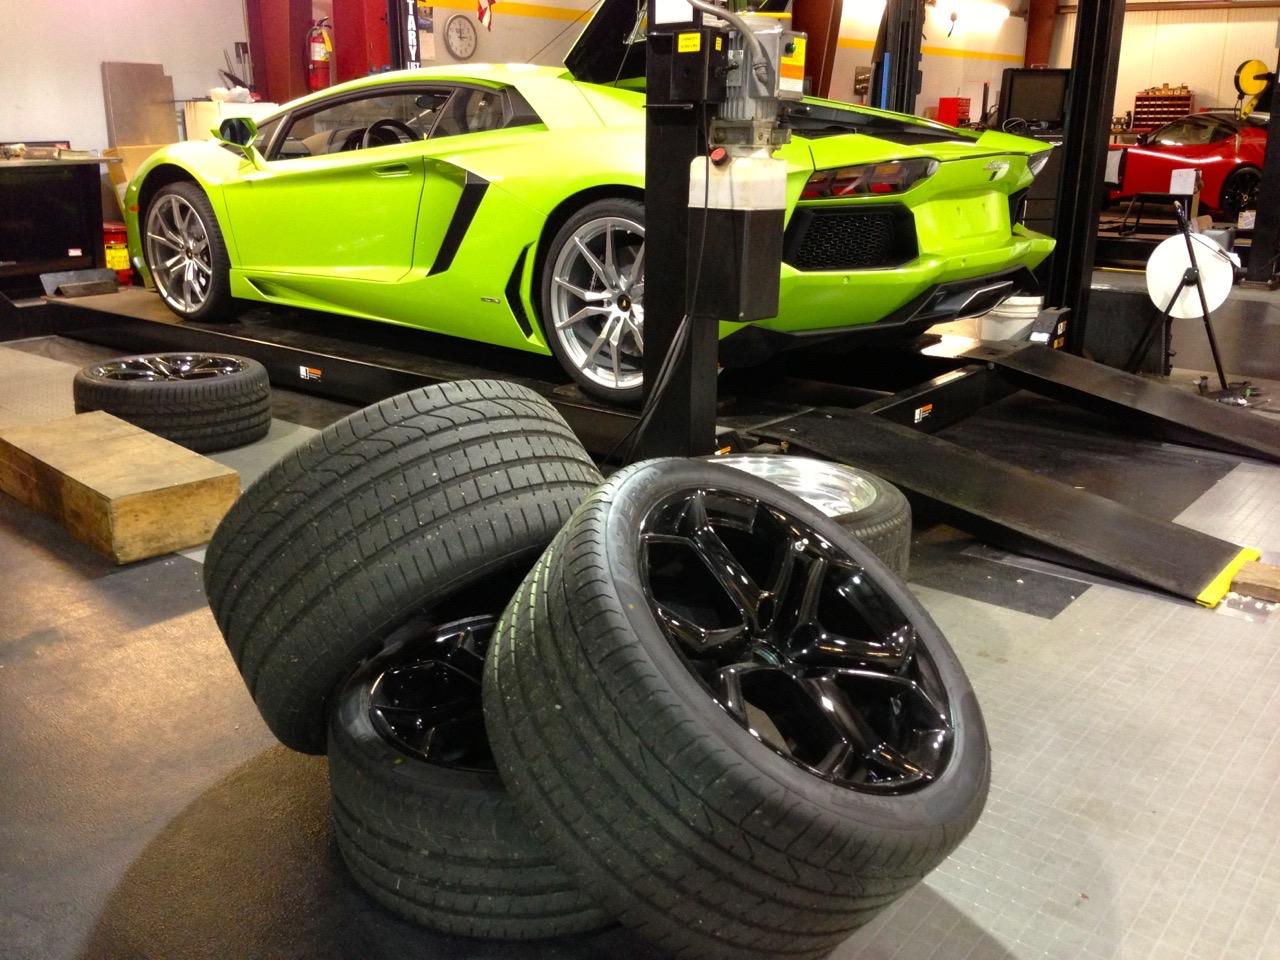 Parlons peu, parlons pneu... 33